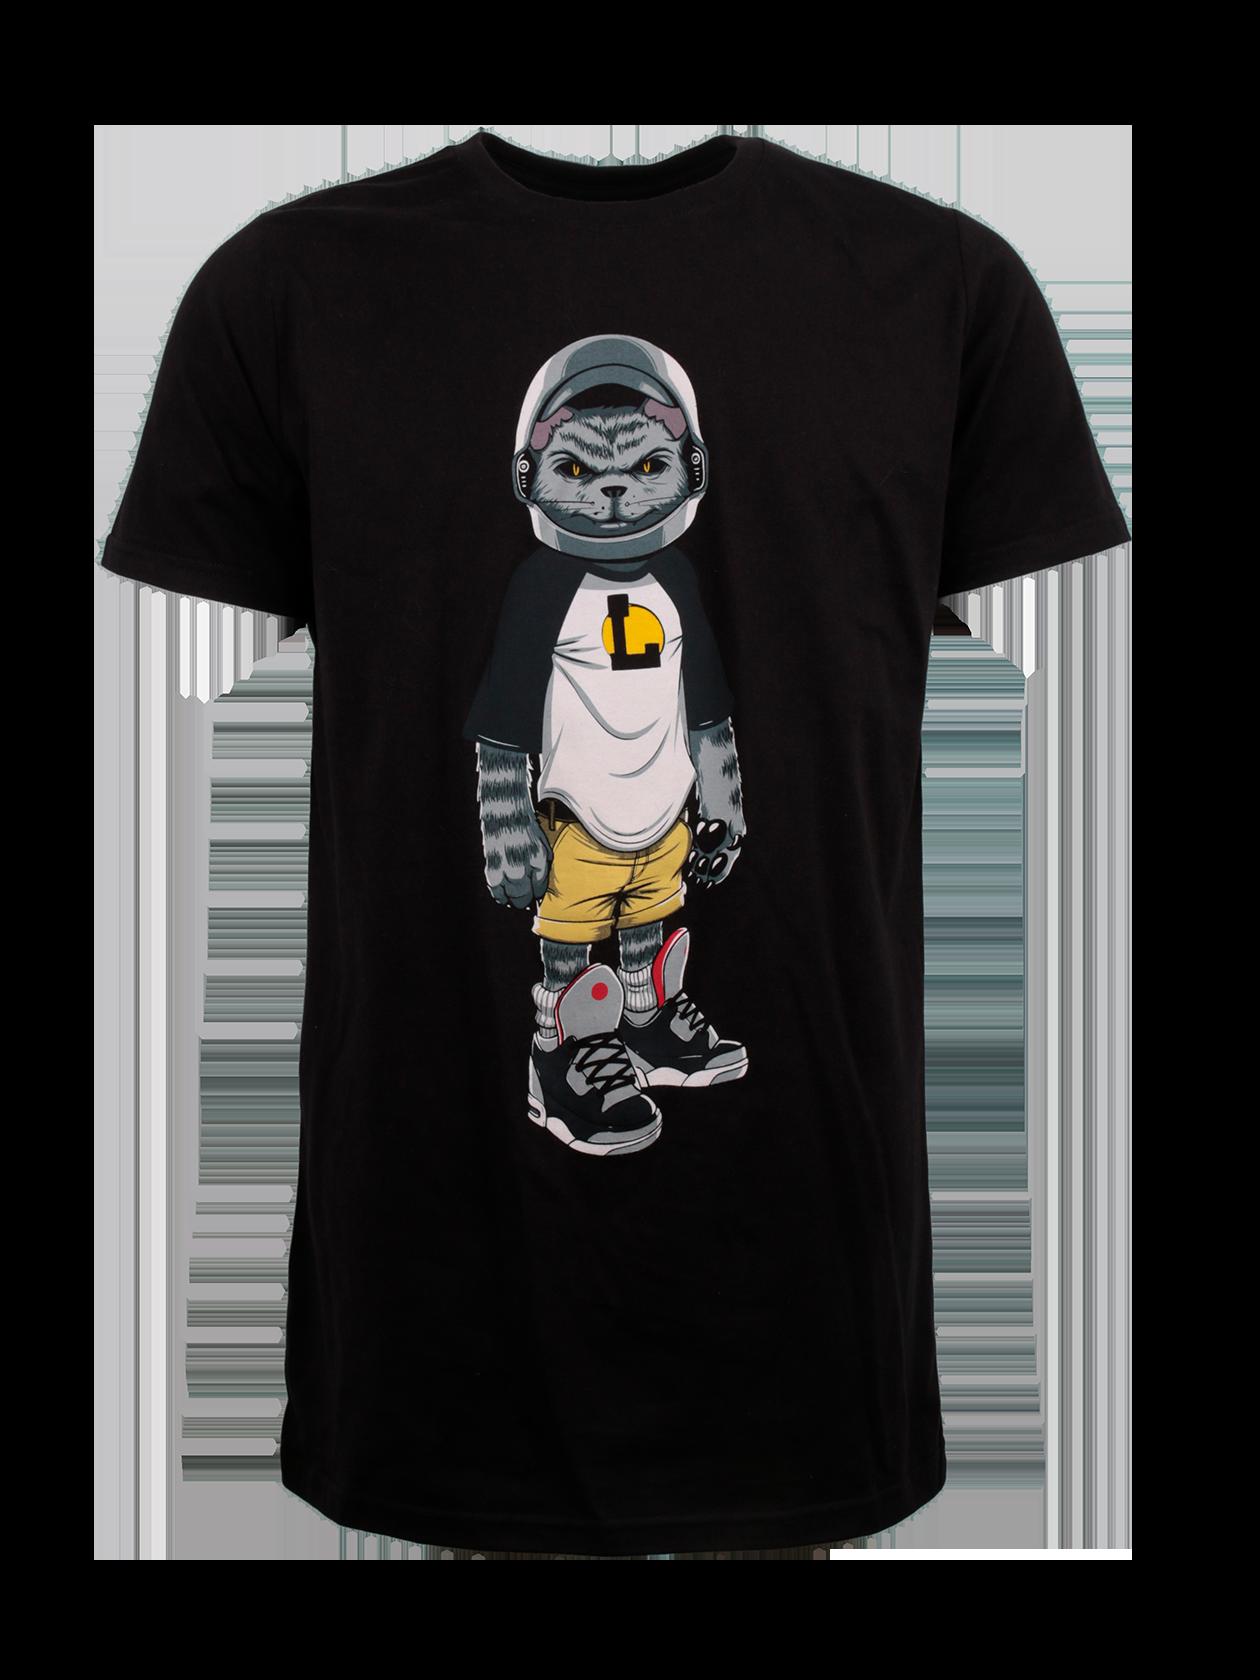 Футболка унисекс CATЯркая футболка унисекс Cat с оригинальным принтом в виде кота в шлеме – стильная вещь из мерча популярного артиста L`one Гравитация. Модель базовой черной расцветки отлично комбинируется с повседневным и спортивным гардеробом. Изделие прямого свободного фасона с удлиненным силуэтом. Горловина круглой формы, для удобства надевания оформлена эластичным кантом, внутри жаккардовая нашивка с логотипом Black Star Wear. Созданная из натурального хлопка премиального качества, футболка выделяется высокой практичностью.<br><br>Размер: L<br>Цвет: Черный<br>Пол: Женский